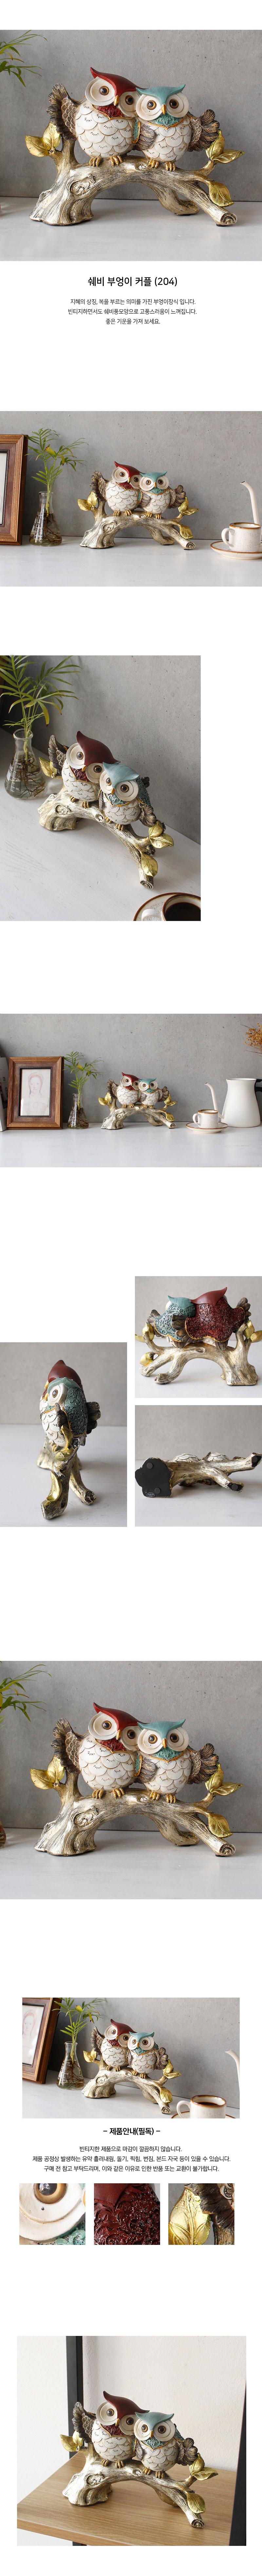 인테리어 소품 쉐비 부엉이 커플  -annahouse - 안나하우스, 40,500원, 미니어처, 사물